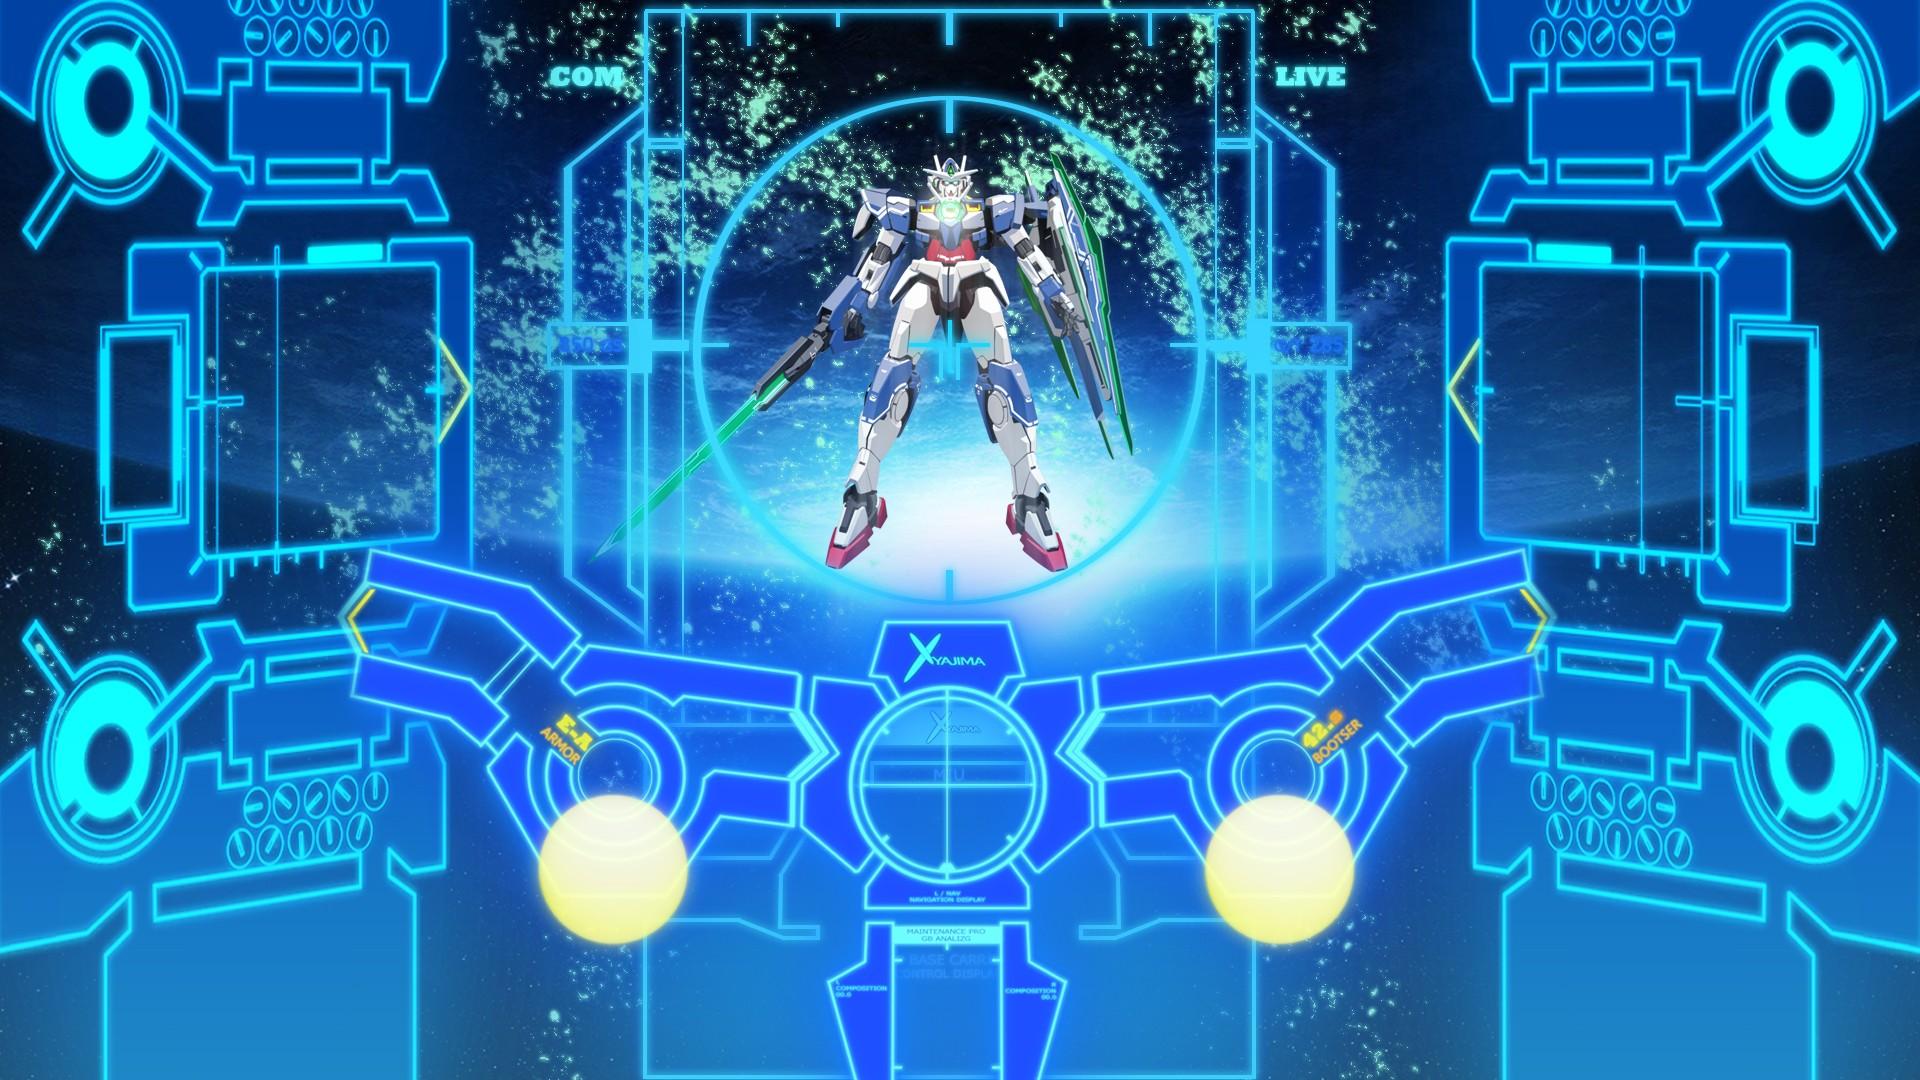 デスクトップ壁紙 図 機動戦士ガンダム00 ディスコ ガンダム